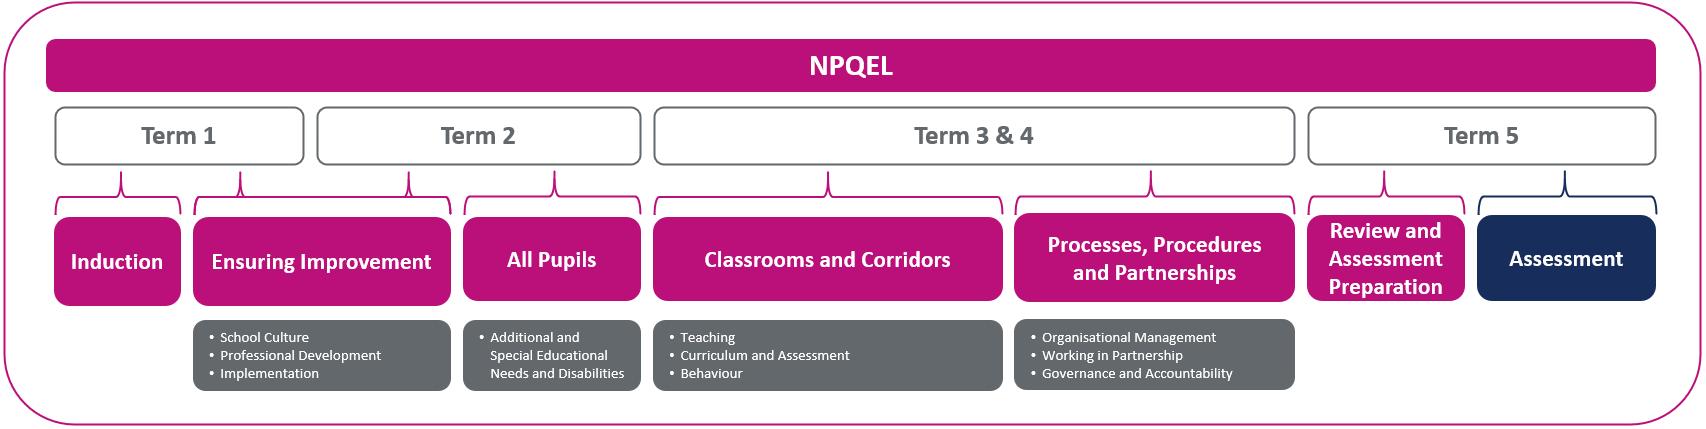 NPQEL Sequence